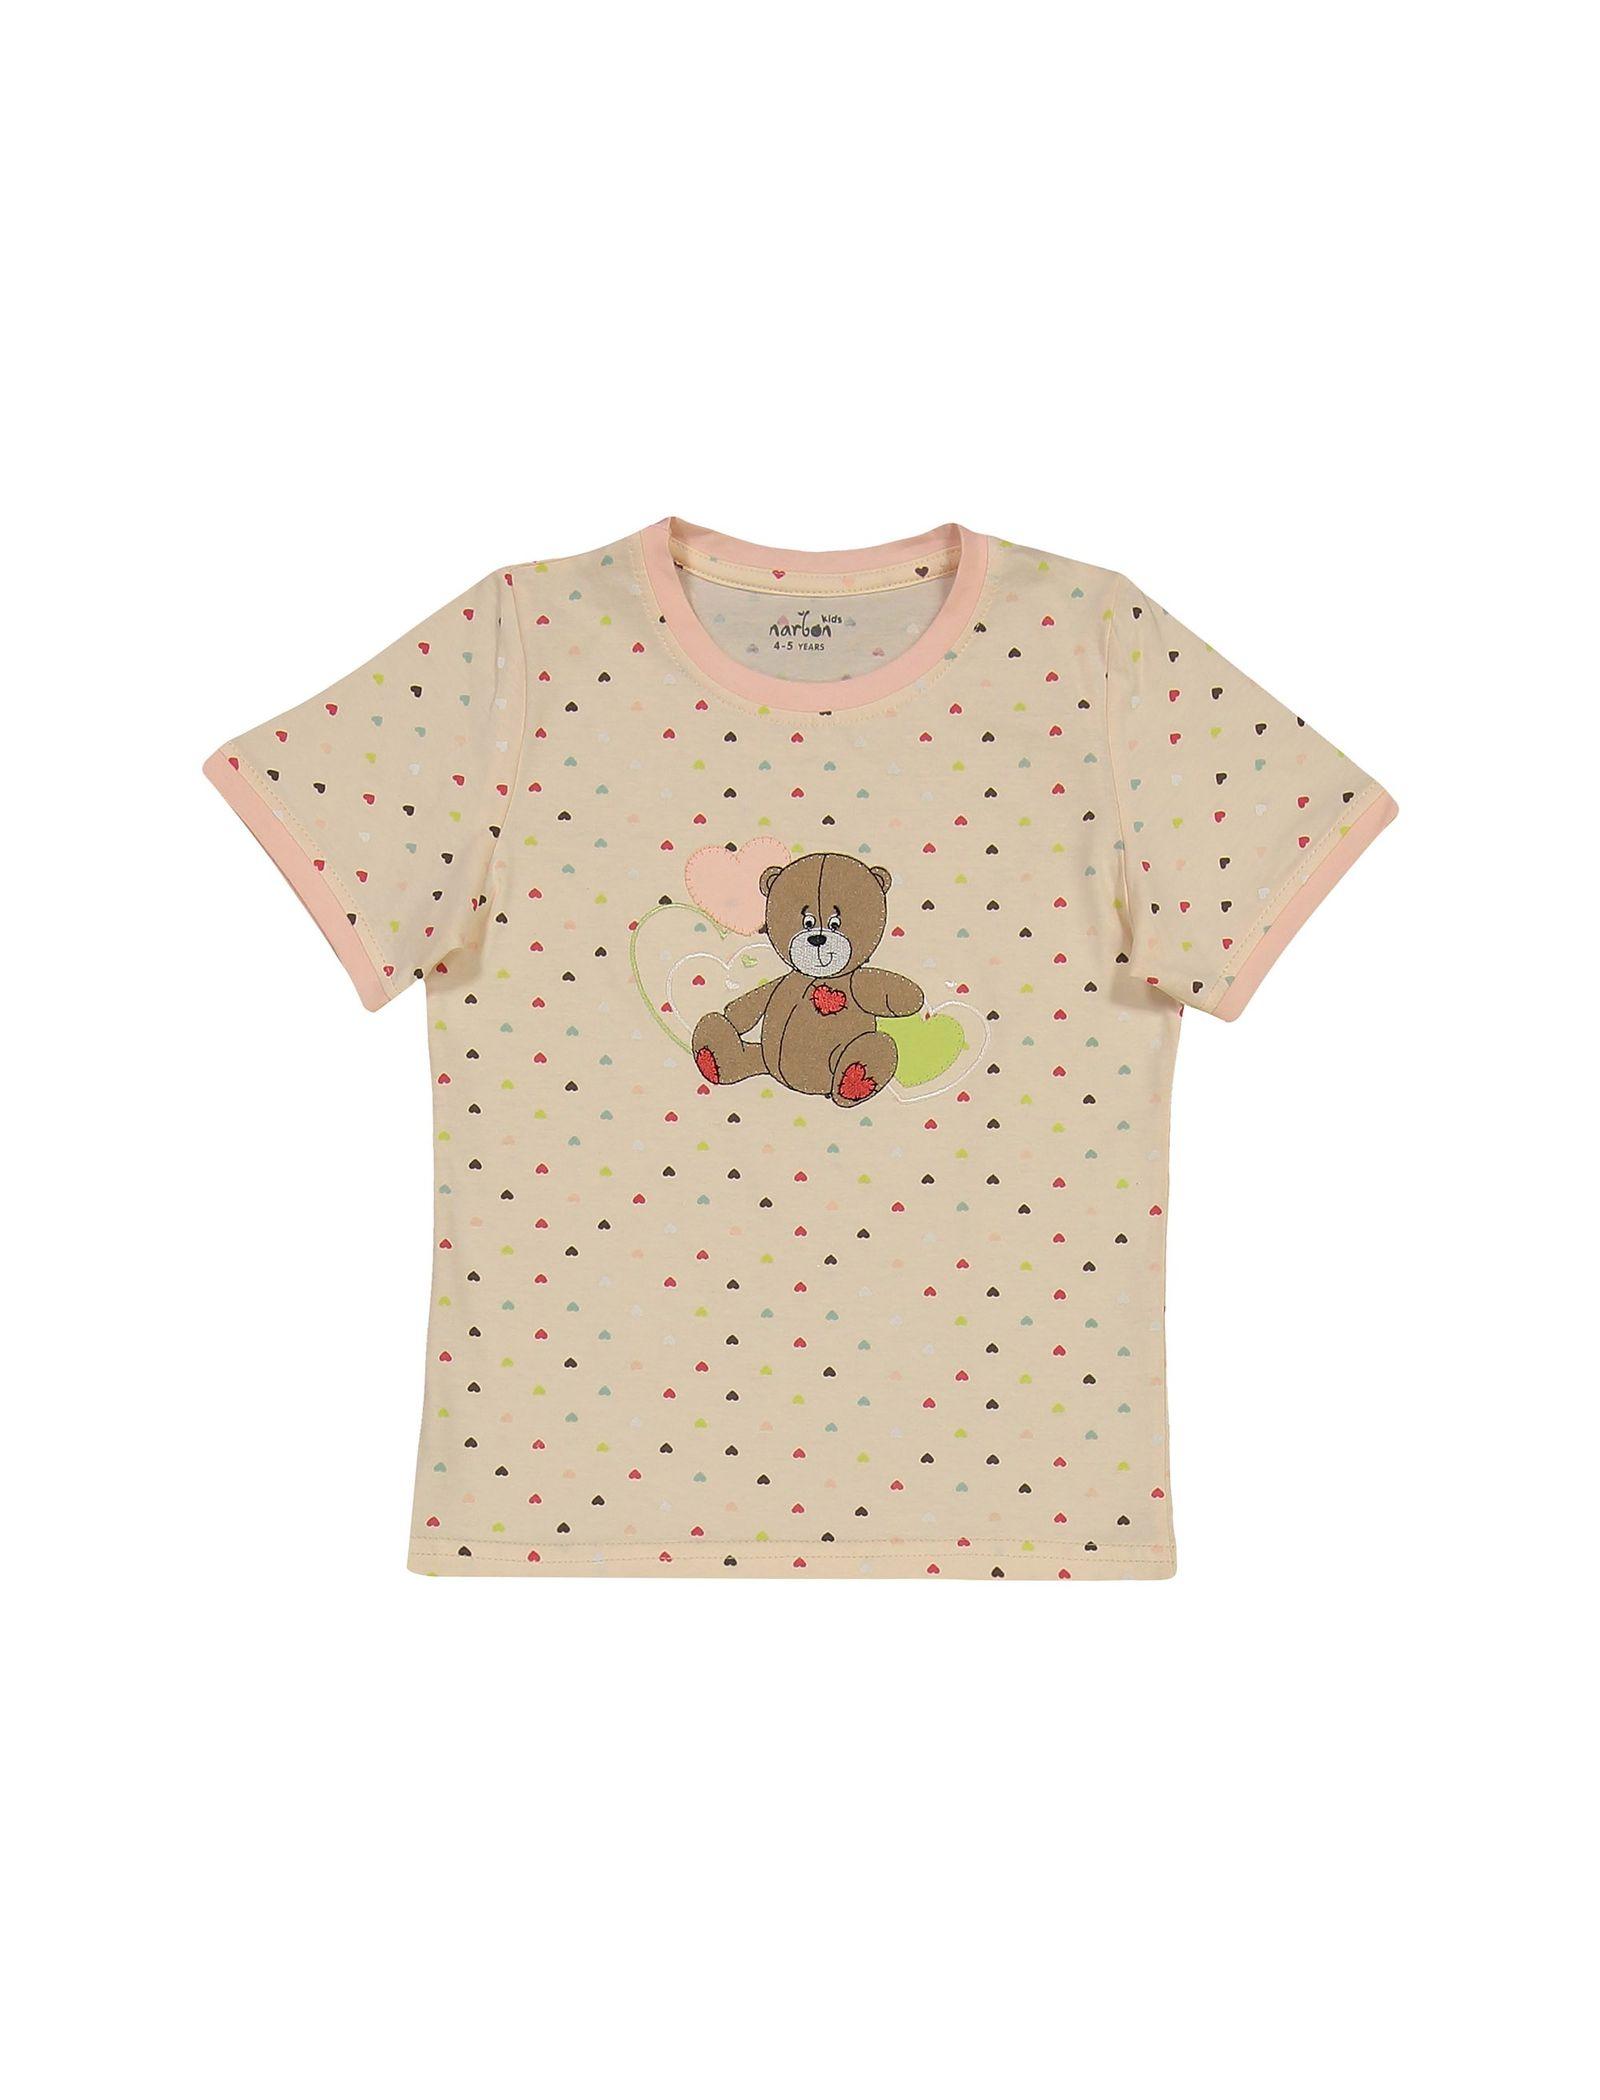 تی شرت و شلوار نخی دخترانه خرس مهربان - ناربن - گلبهي - 2